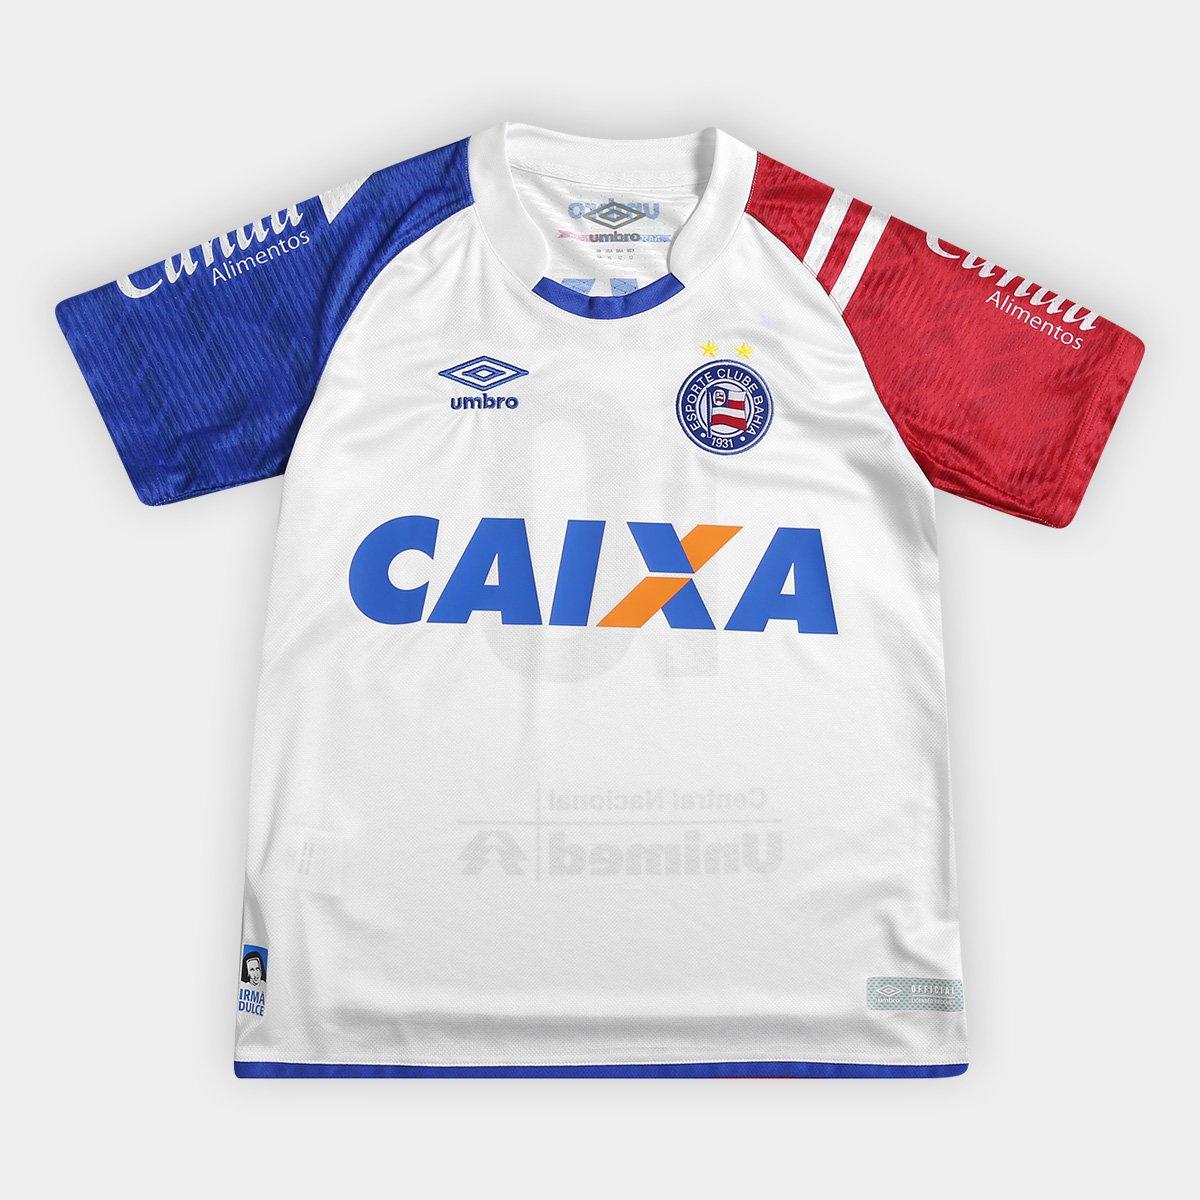 48421587482c4 Camisa Bahia Juvenil I 17 18 nº 10 - Torcedor Umbro